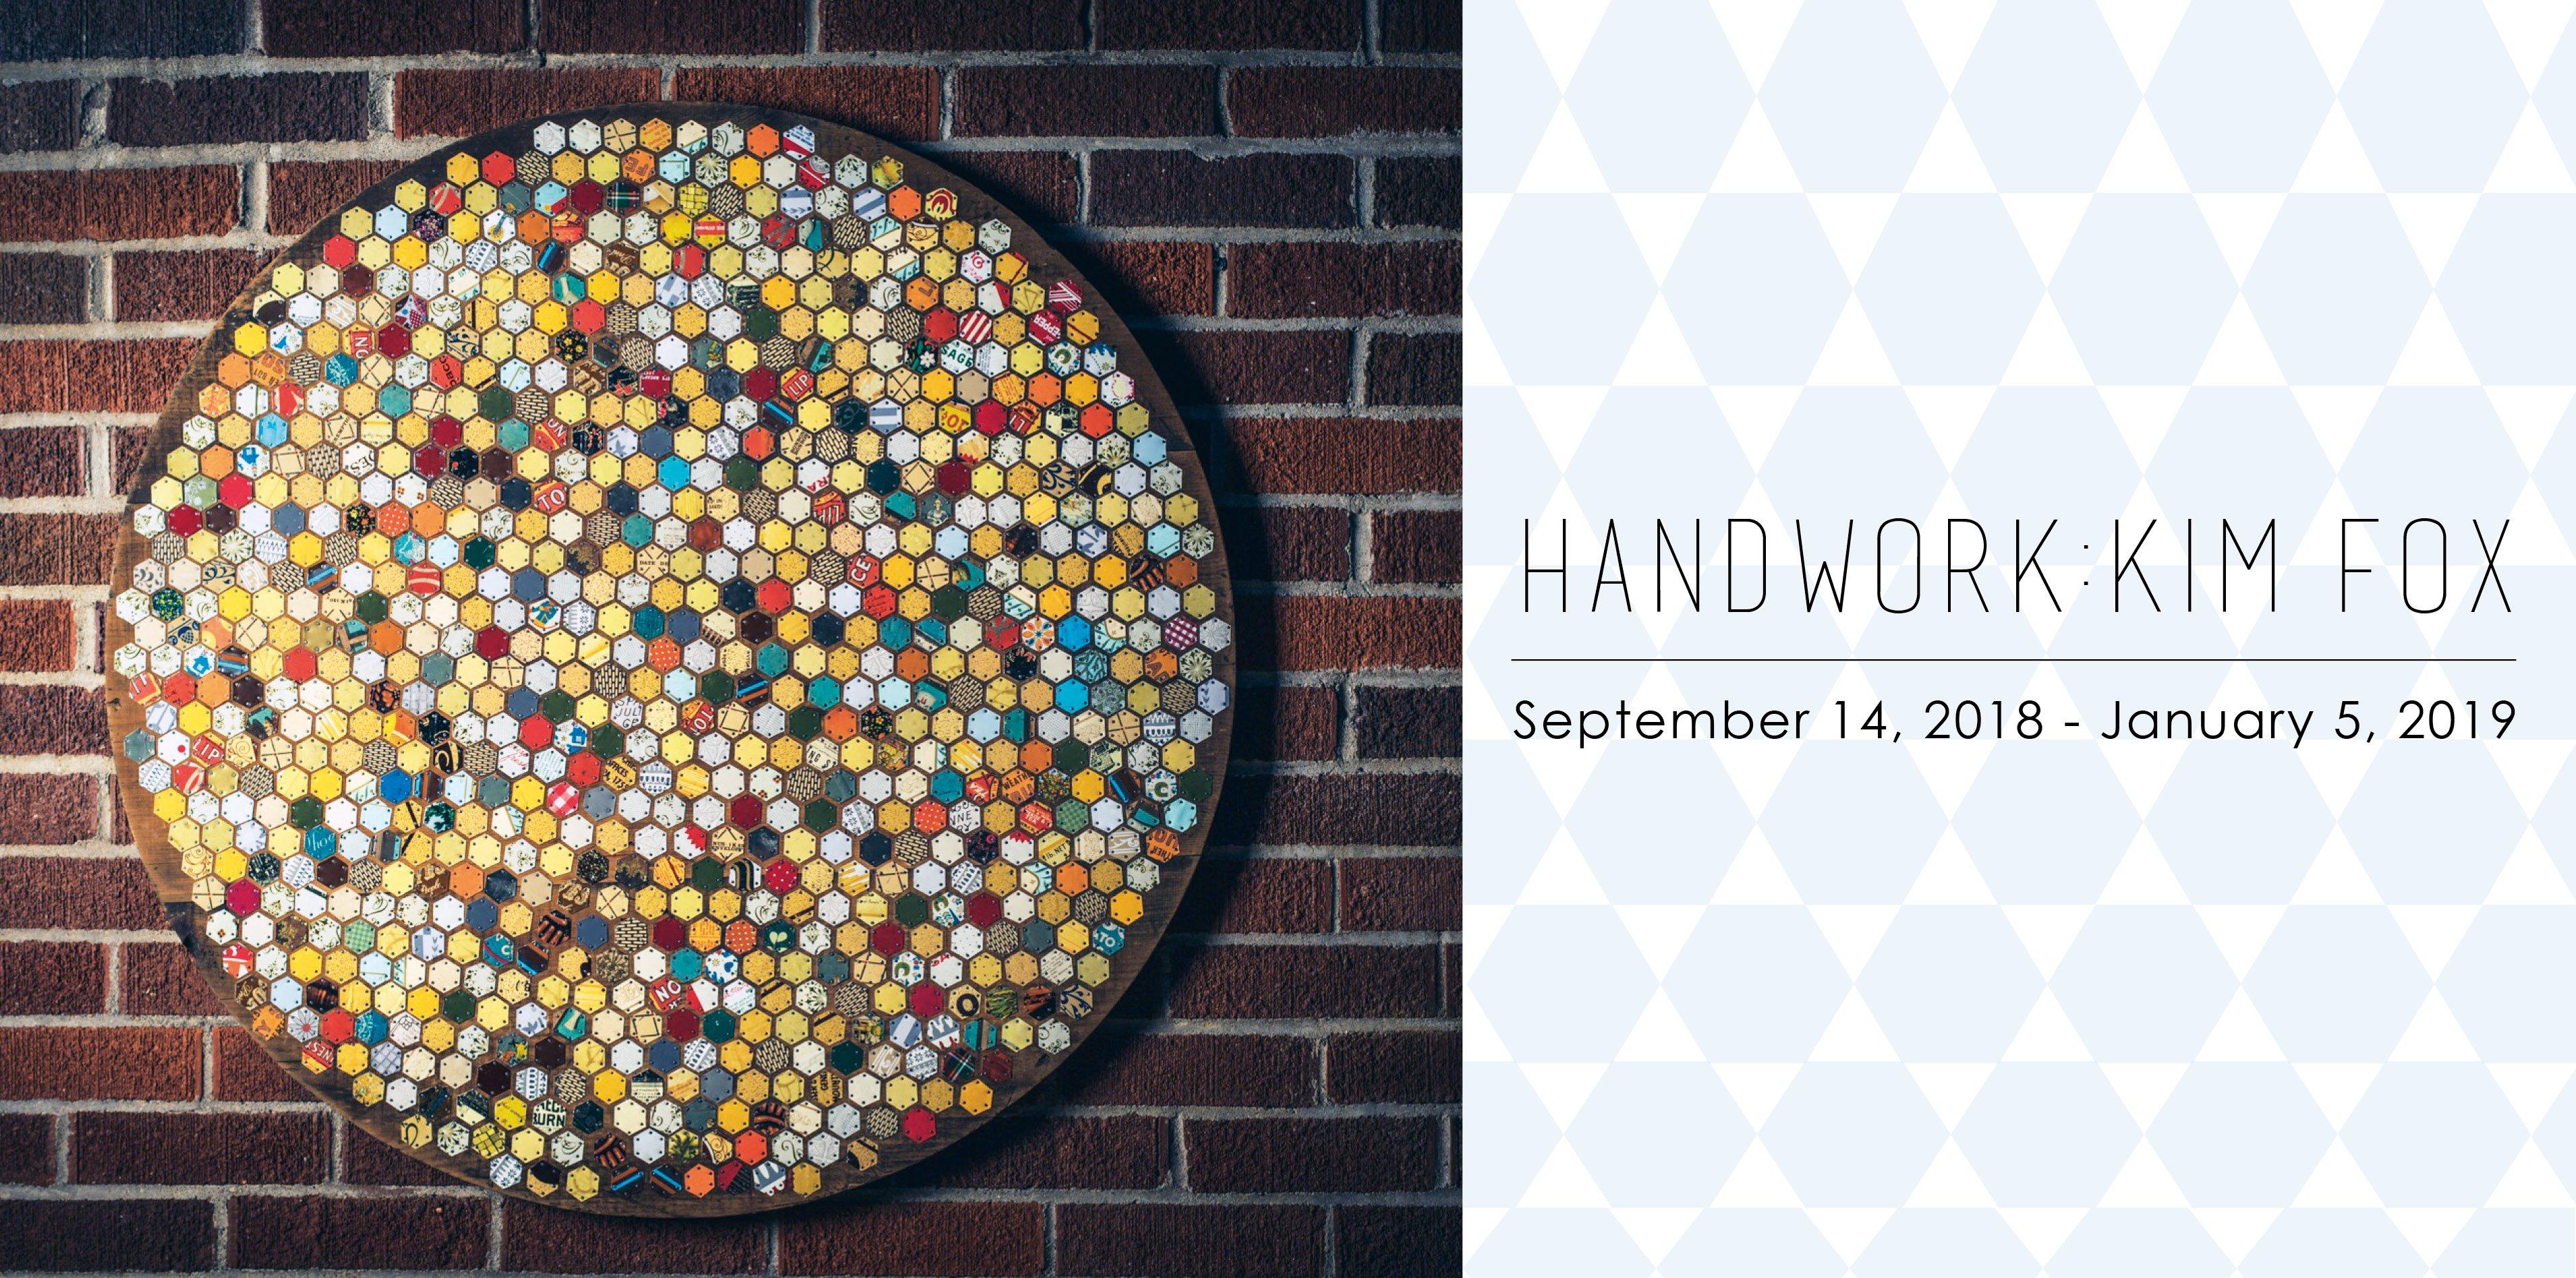 Handwork, Kim Fox exhibition